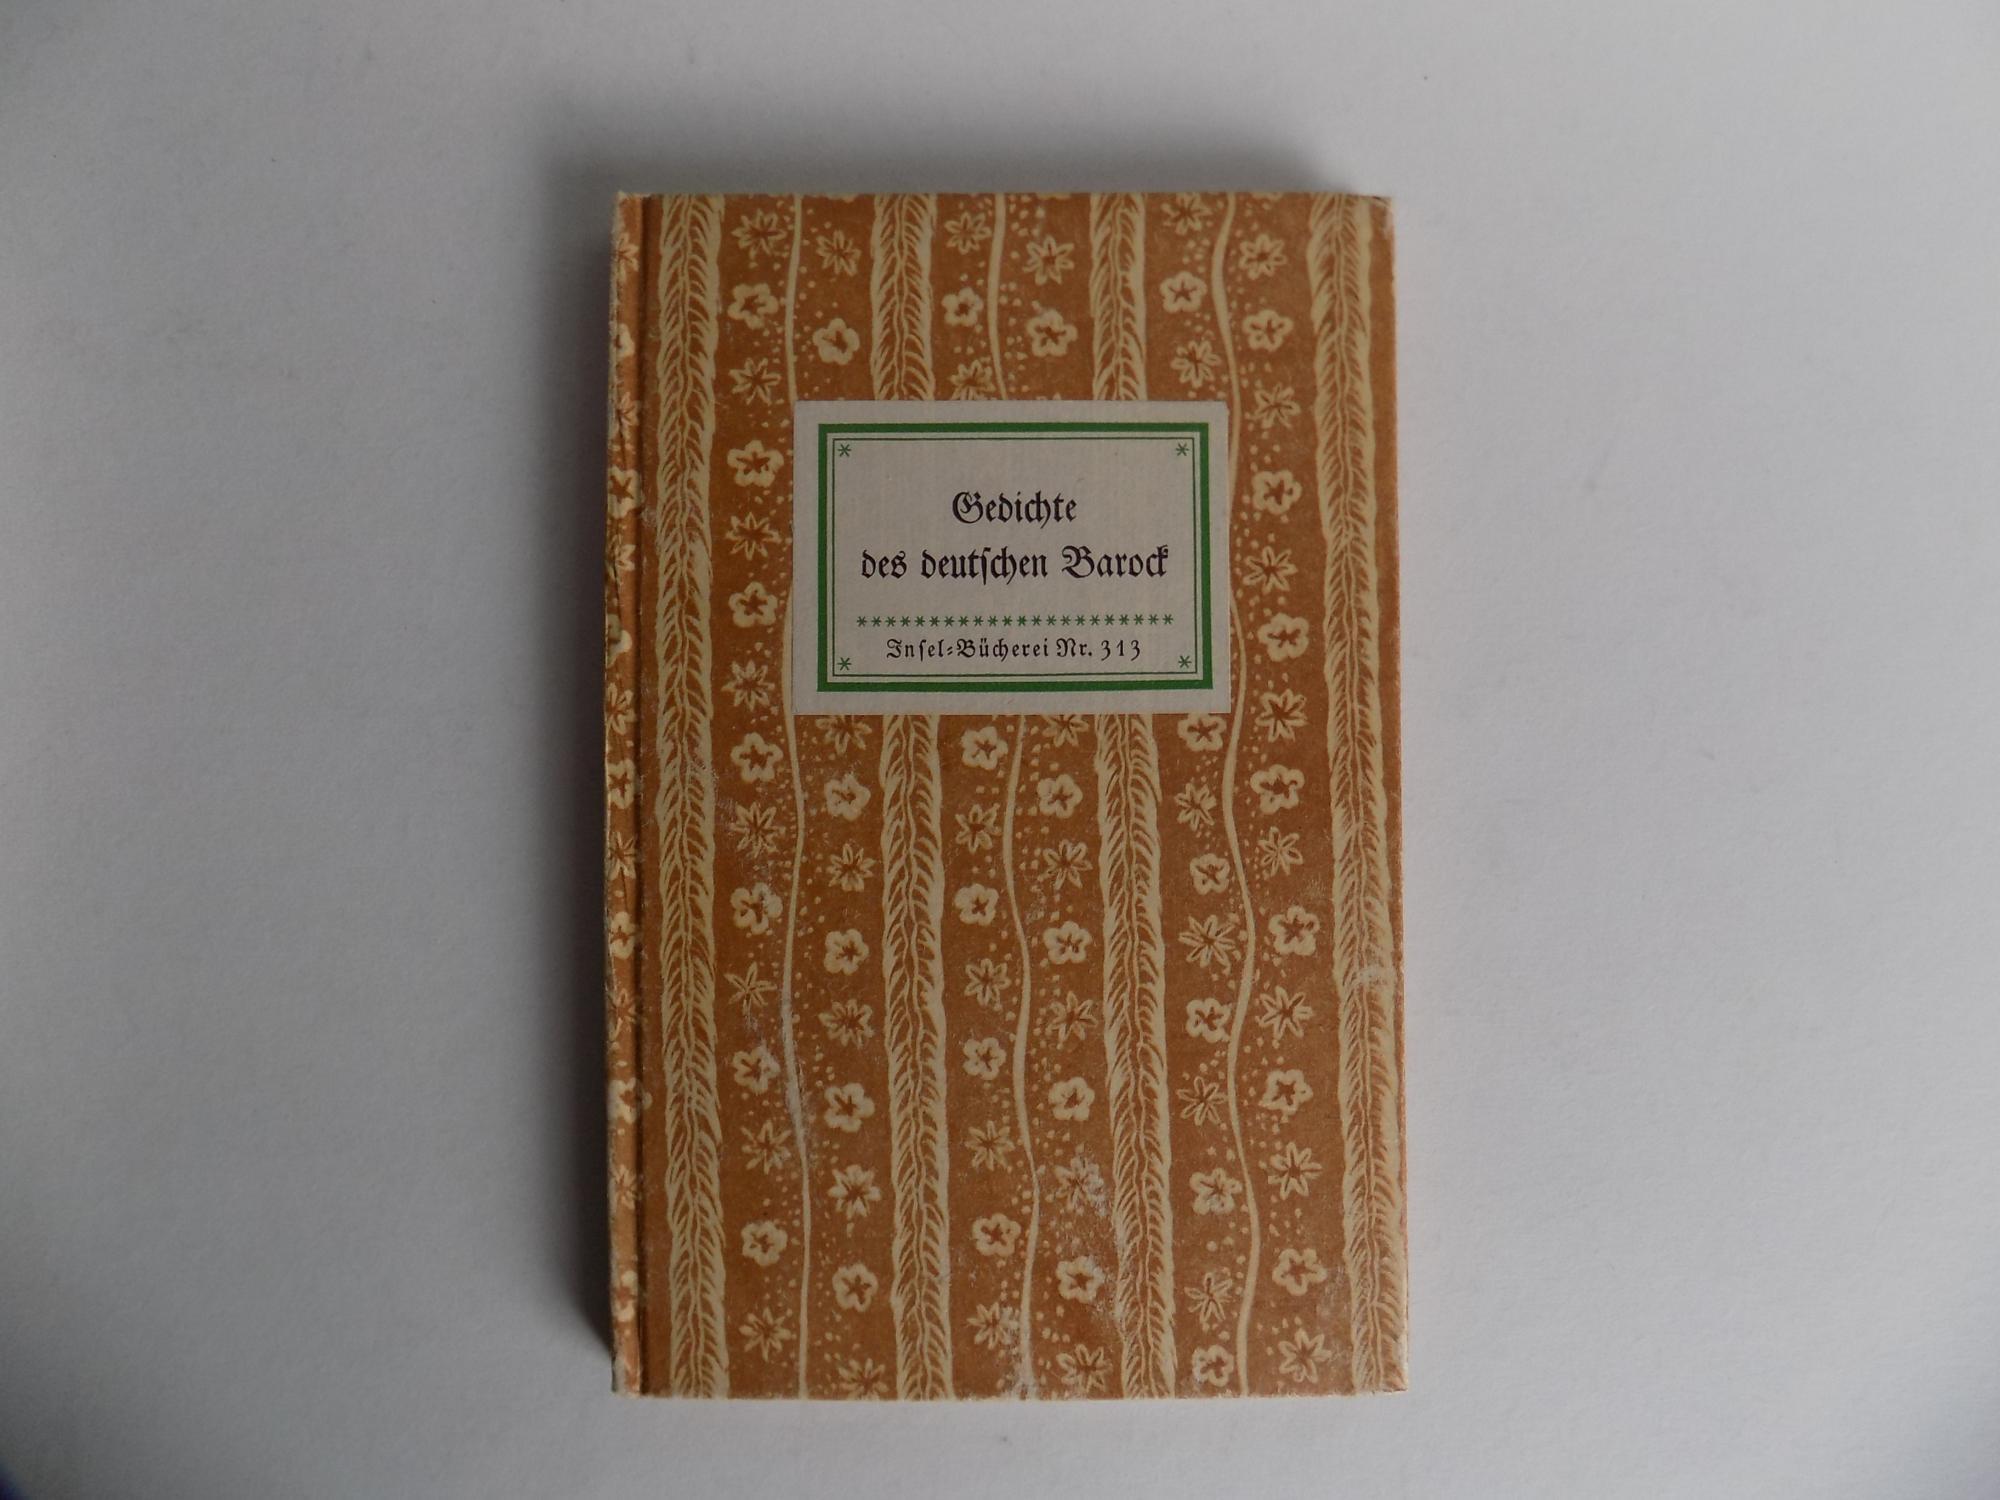 Gedichte des deutschen Barock (= Insel-Bücherei Nr.: Kayser, Wolfgang (Hrsg.)